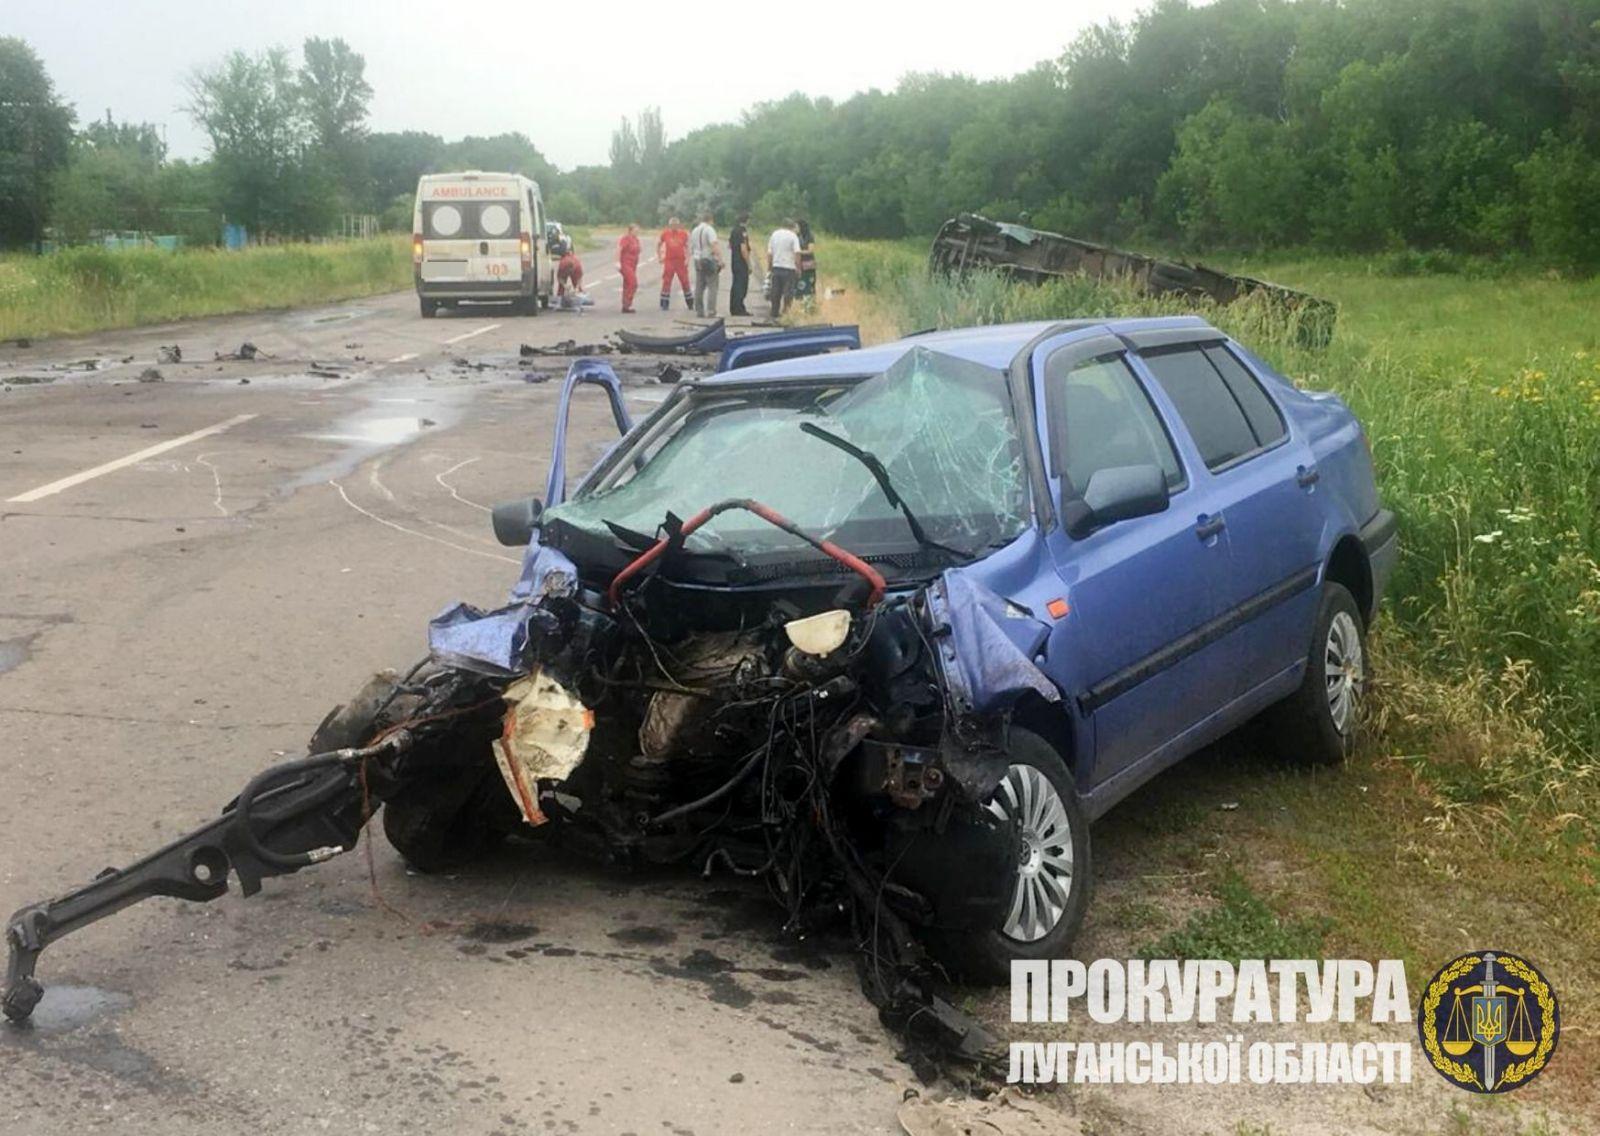 На Луганщине полицейский столкнулся с маршруткой, есть пострадавшие